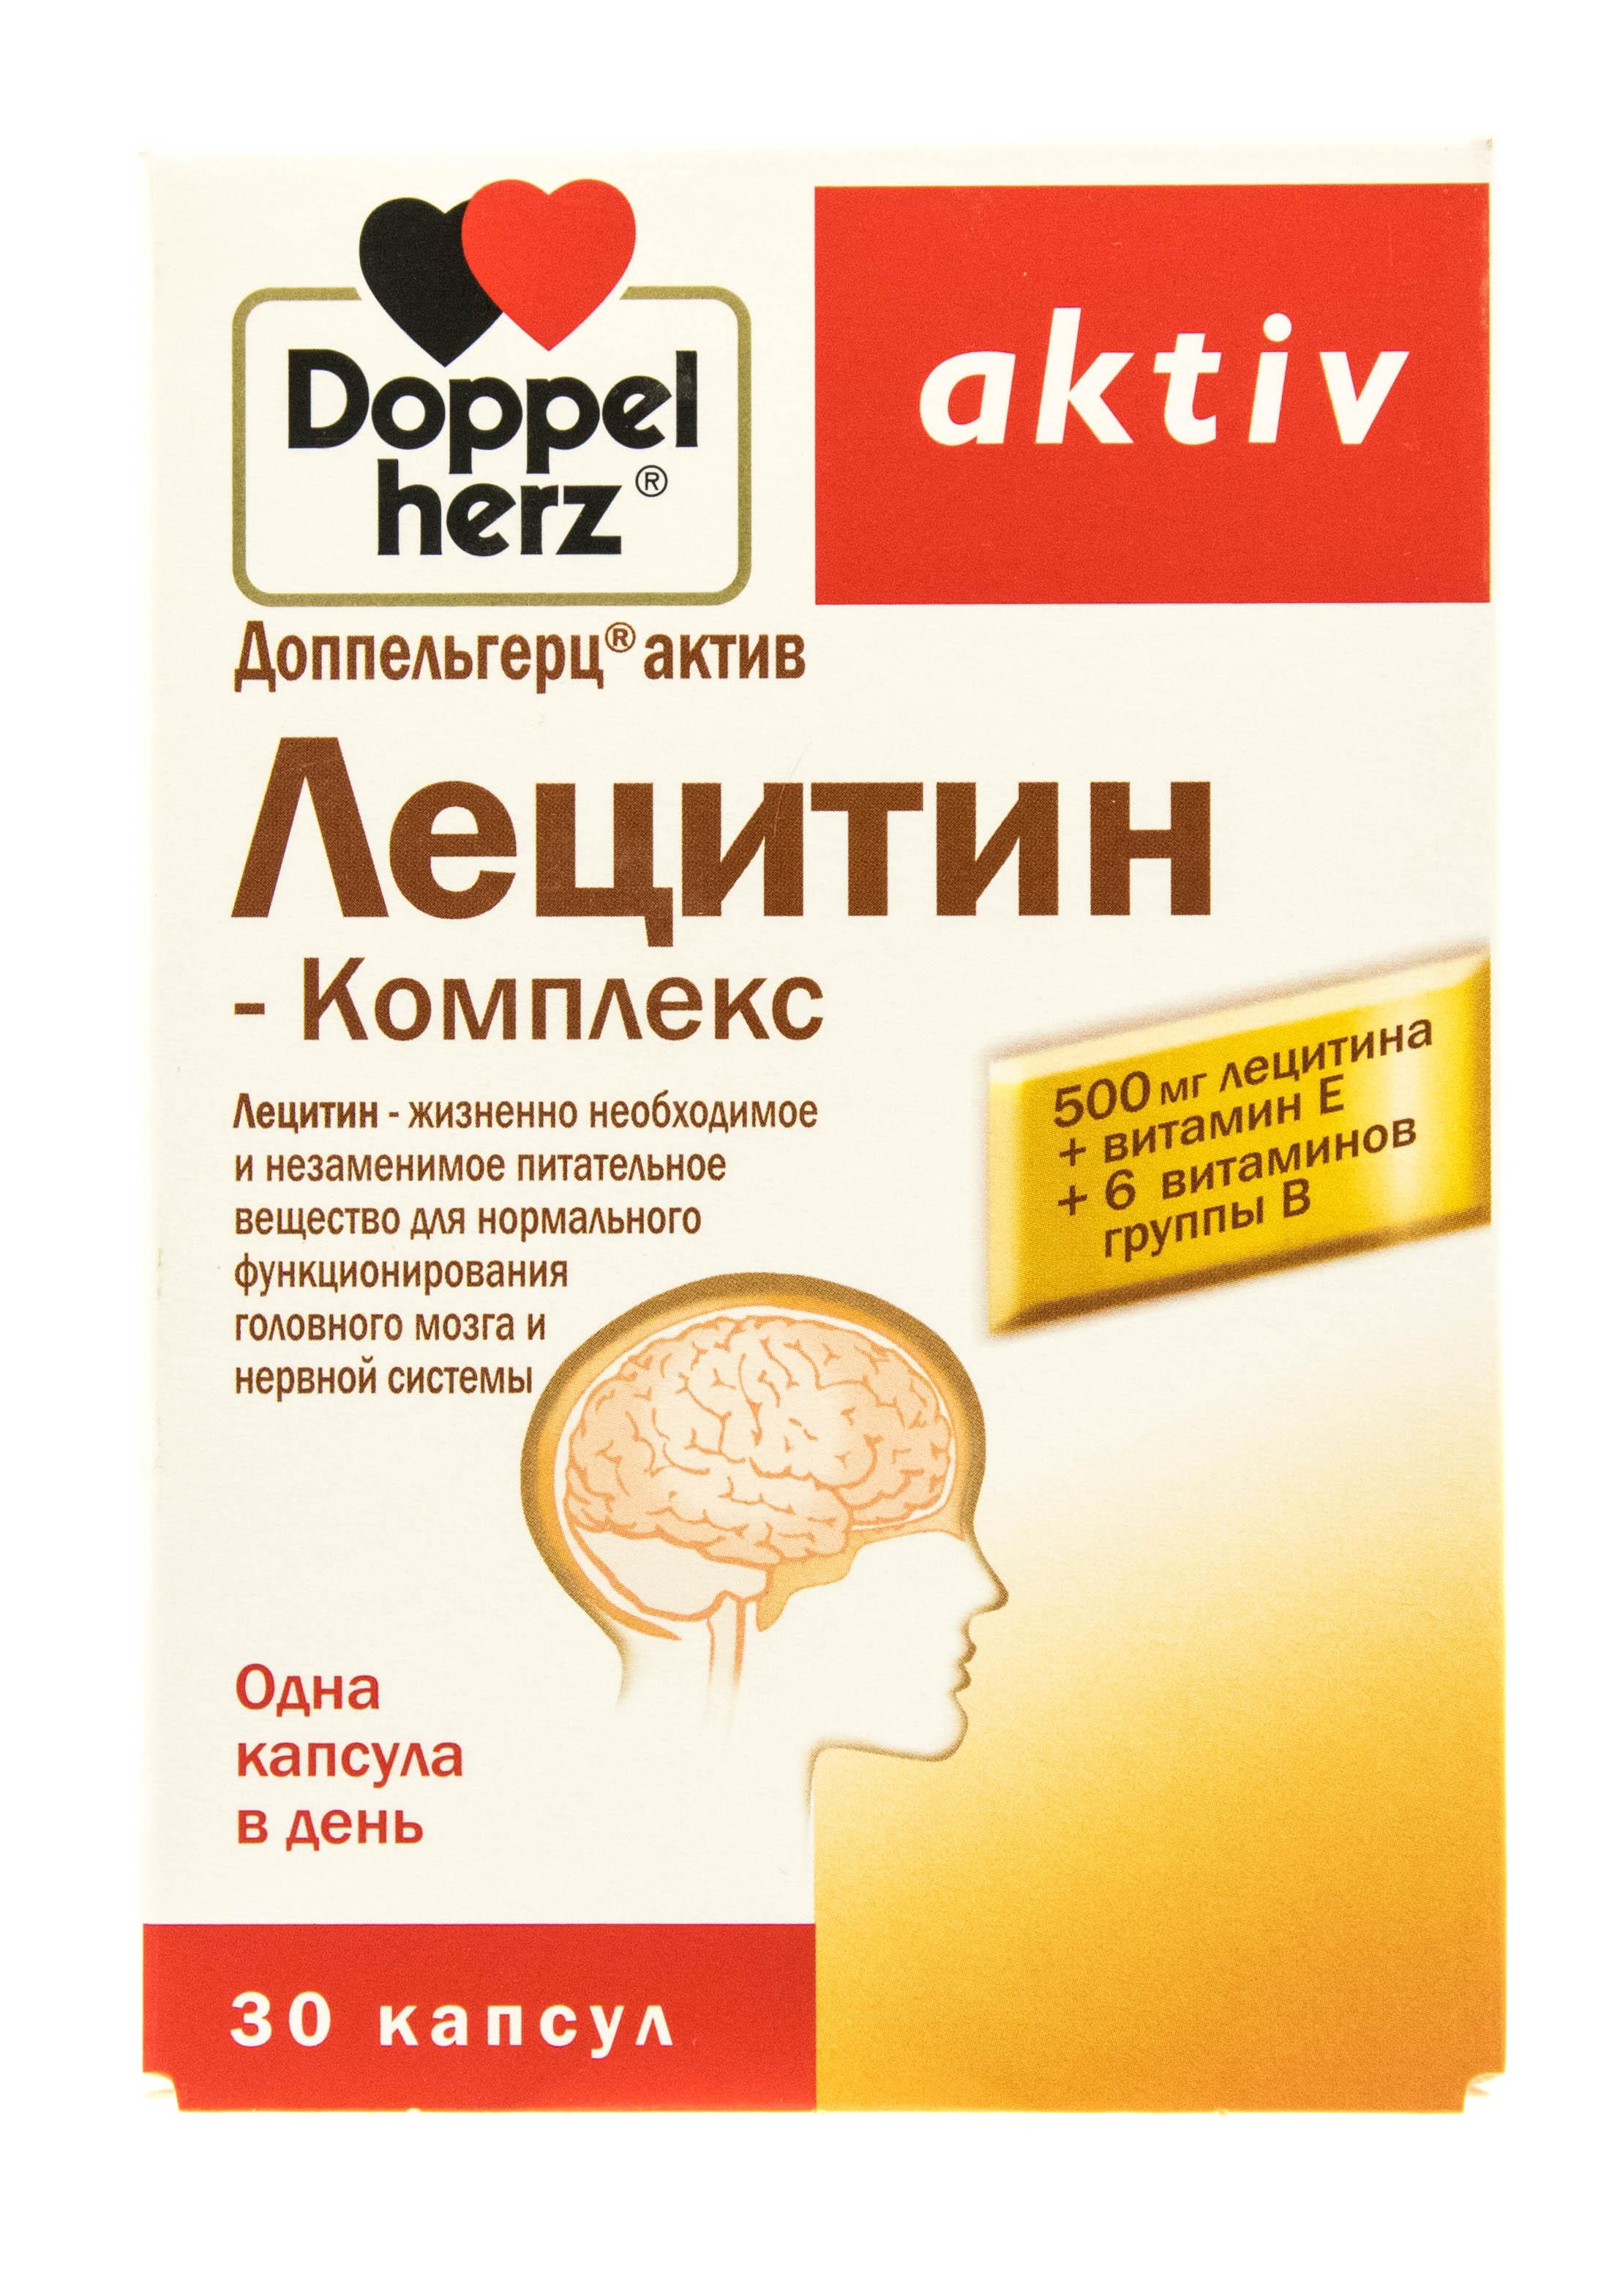 Доппельгерц актив лецитин-комплекс – инструкция по применению, отзывы, цена